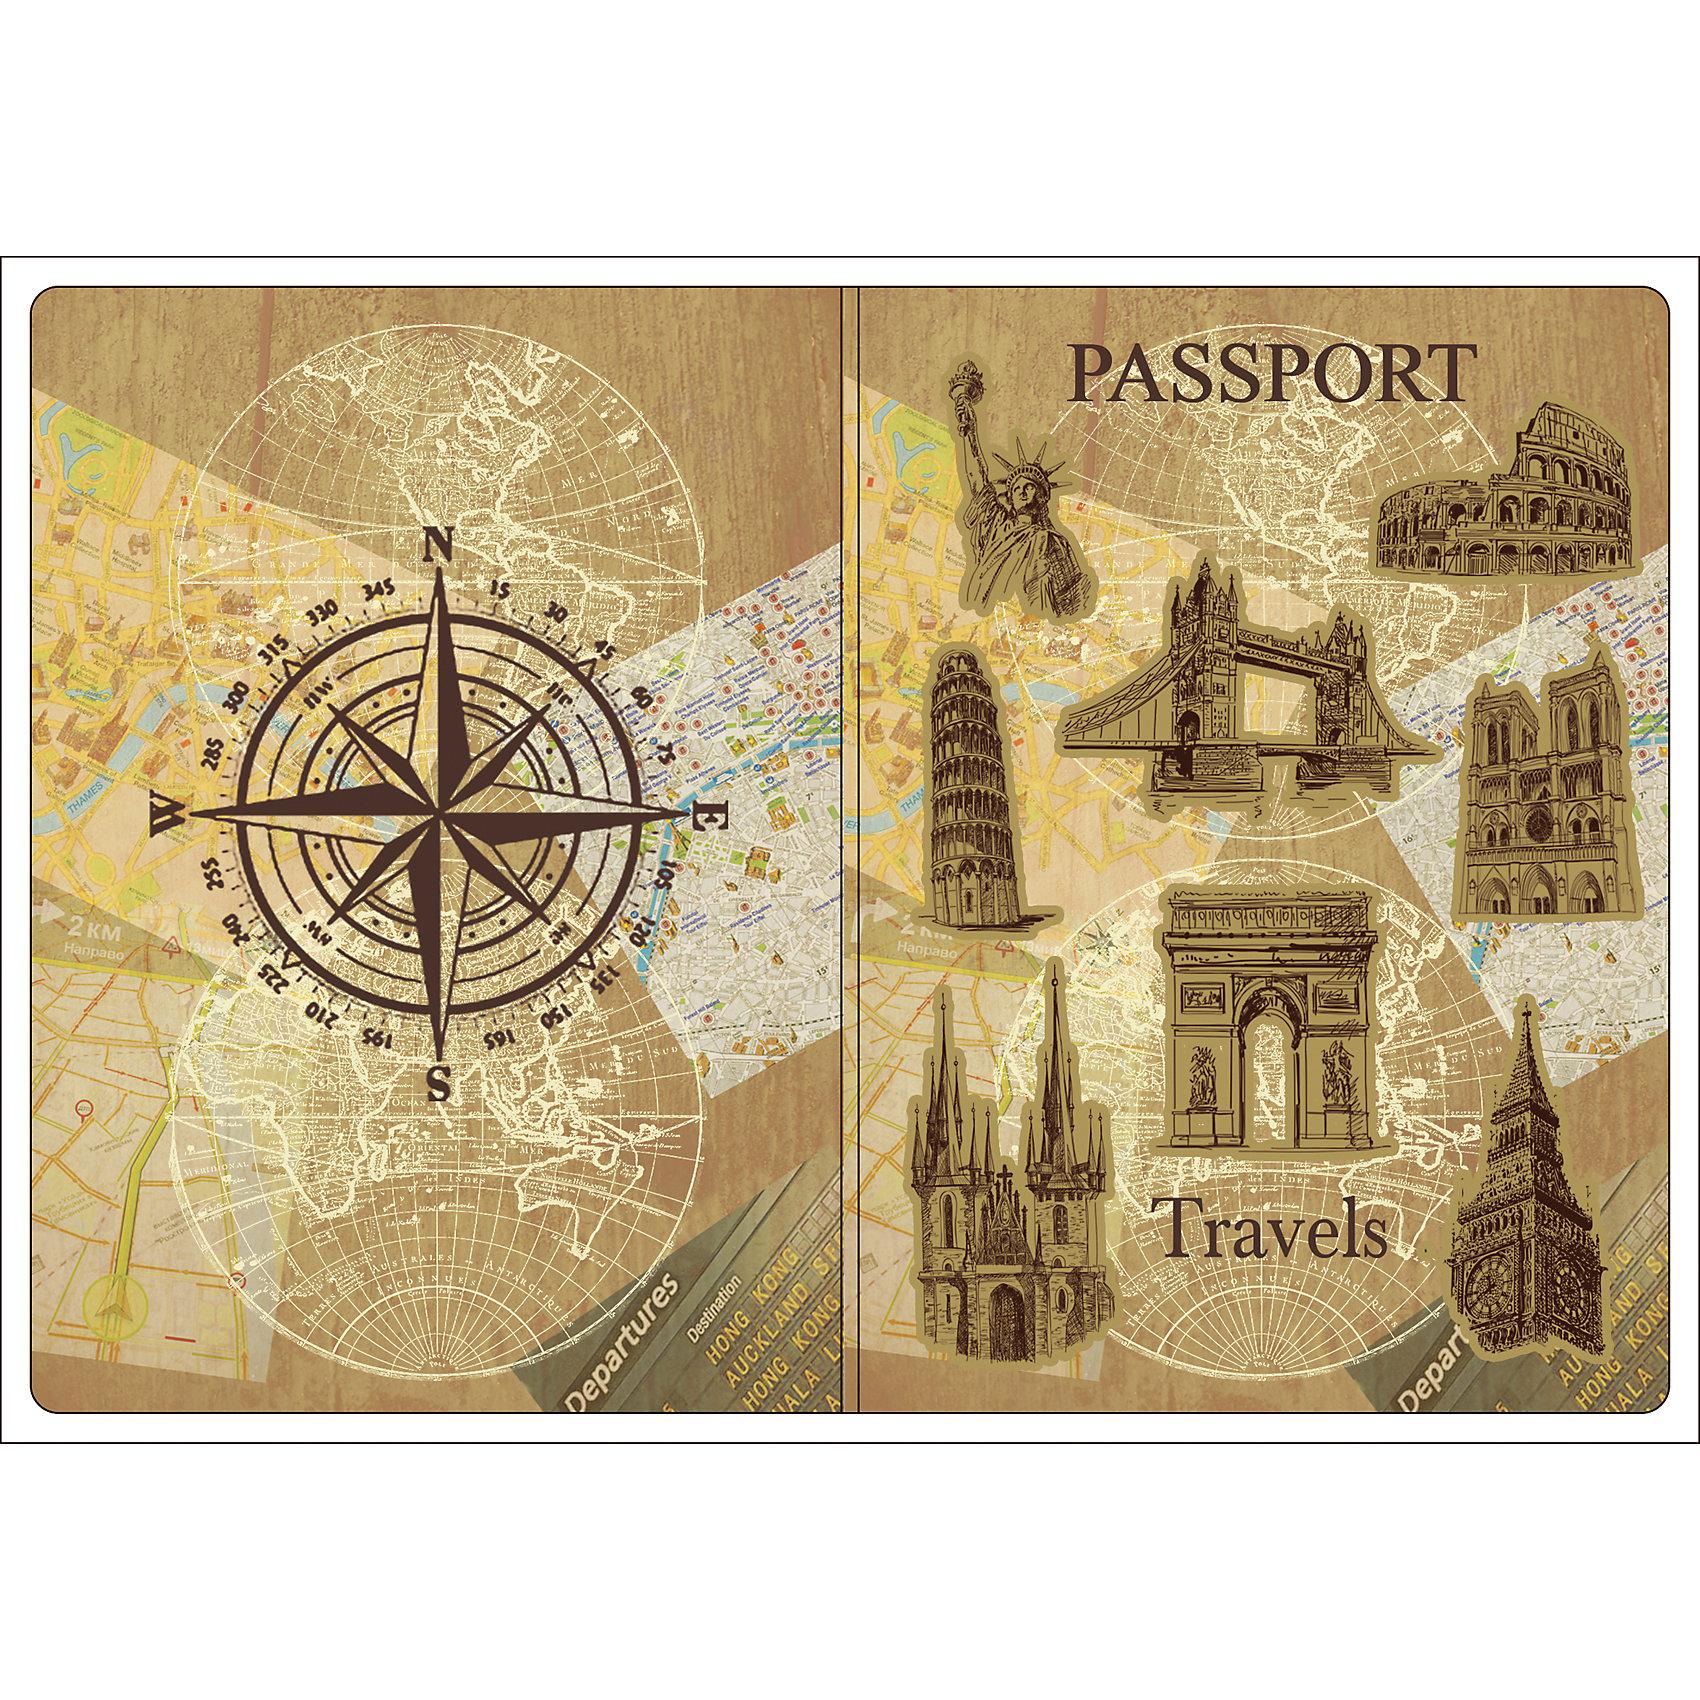 Обложка для паспорта Достопримечательности, Феникс-ПрезентВ дорогу<br>Обложка для паспорта Достопримечательности, Феникс-Презент<br><br>Характеристики:<br><br>• оригинальный дизайн<br>• высокая прочность<br>• размер: 13,3х19,1 см<br>• материал: ПВХ<br><br>Обложка для паспорта Достопримечательности надежно защитит ваши документы от повреждений. Она выполнена из прочного ПВХ с высокой износостойкостью. Обложка оформлена изображением различных достопримечательностей мира. Размер обложки - 13,3х19,1 сантиметров.<br><br>Обложку для паспорта Достопримечательности, Феникс-Презент вы можете купить в нашем интернет-магазине.<br><br>Ширина мм: 133<br>Глубина мм: 191<br>Высота мм: 50<br>Вес г: 35<br>Возраст от месяцев: 168<br>Возраст до месяцев: 2147483647<br>Пол: Унисекс<br>Возраст: Детский<br>SKU: 5449581